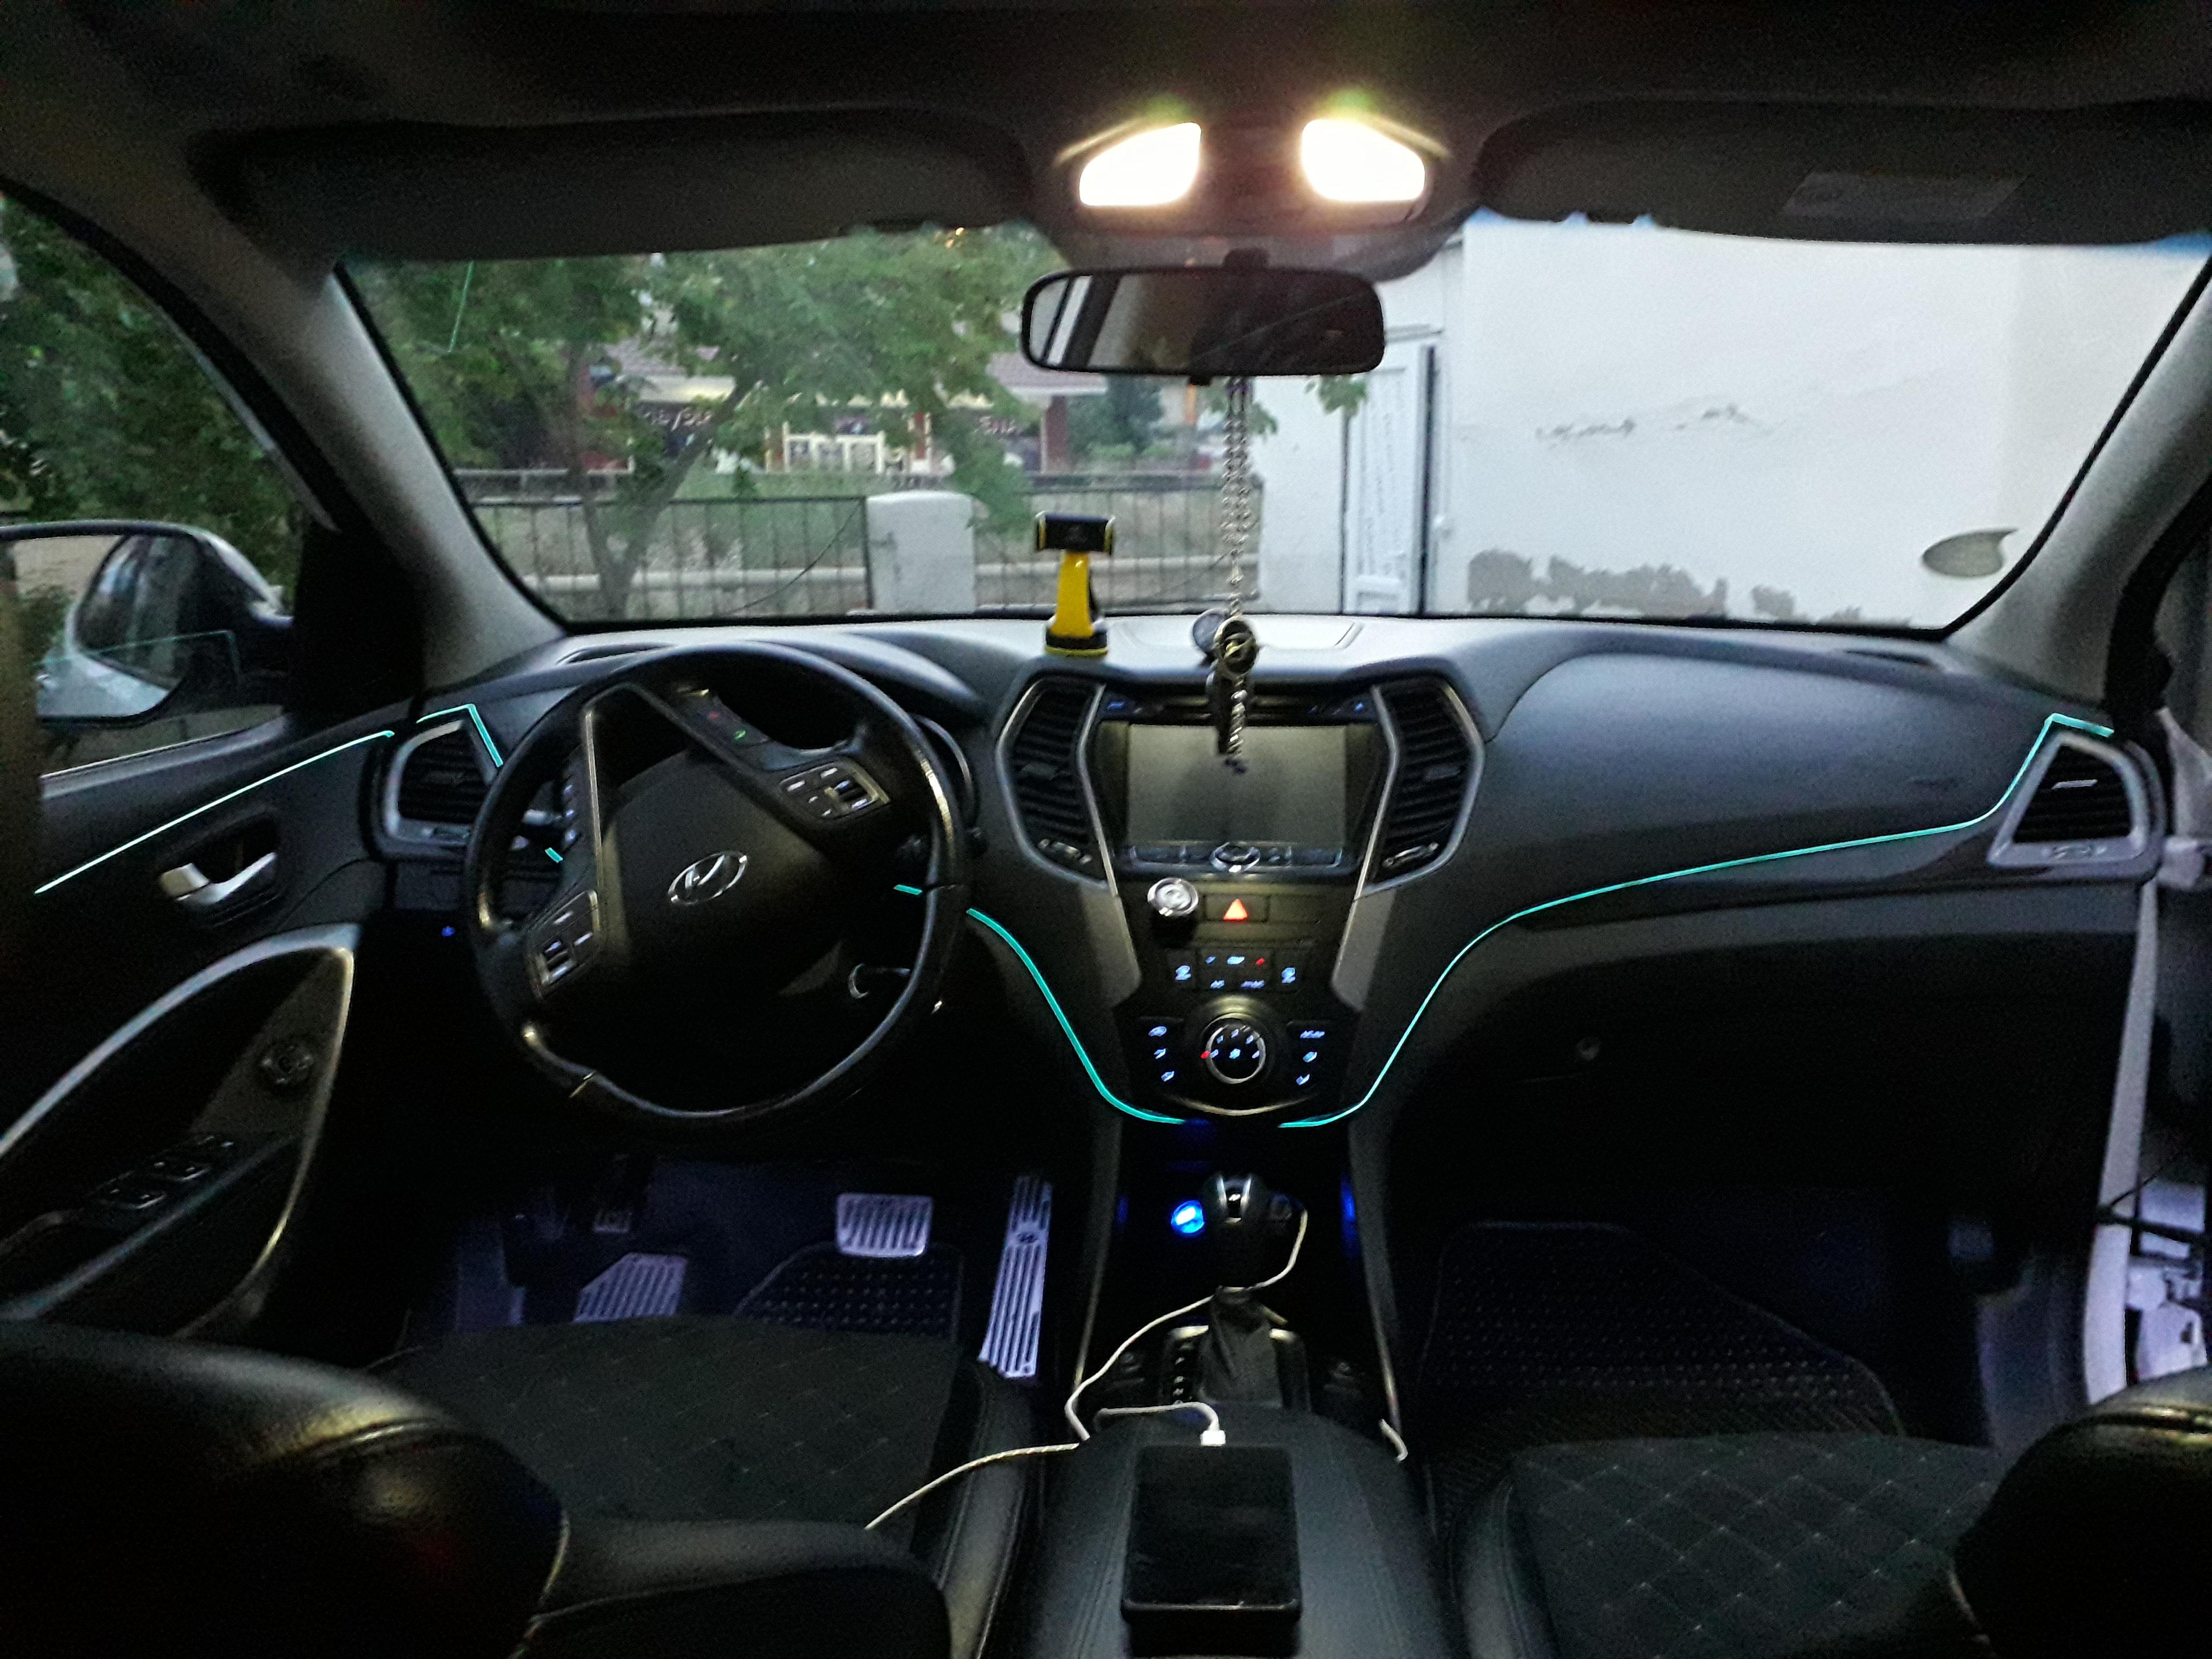 Hyundai Santa FE 2.4(lt) 2013 Подержанный  $35000